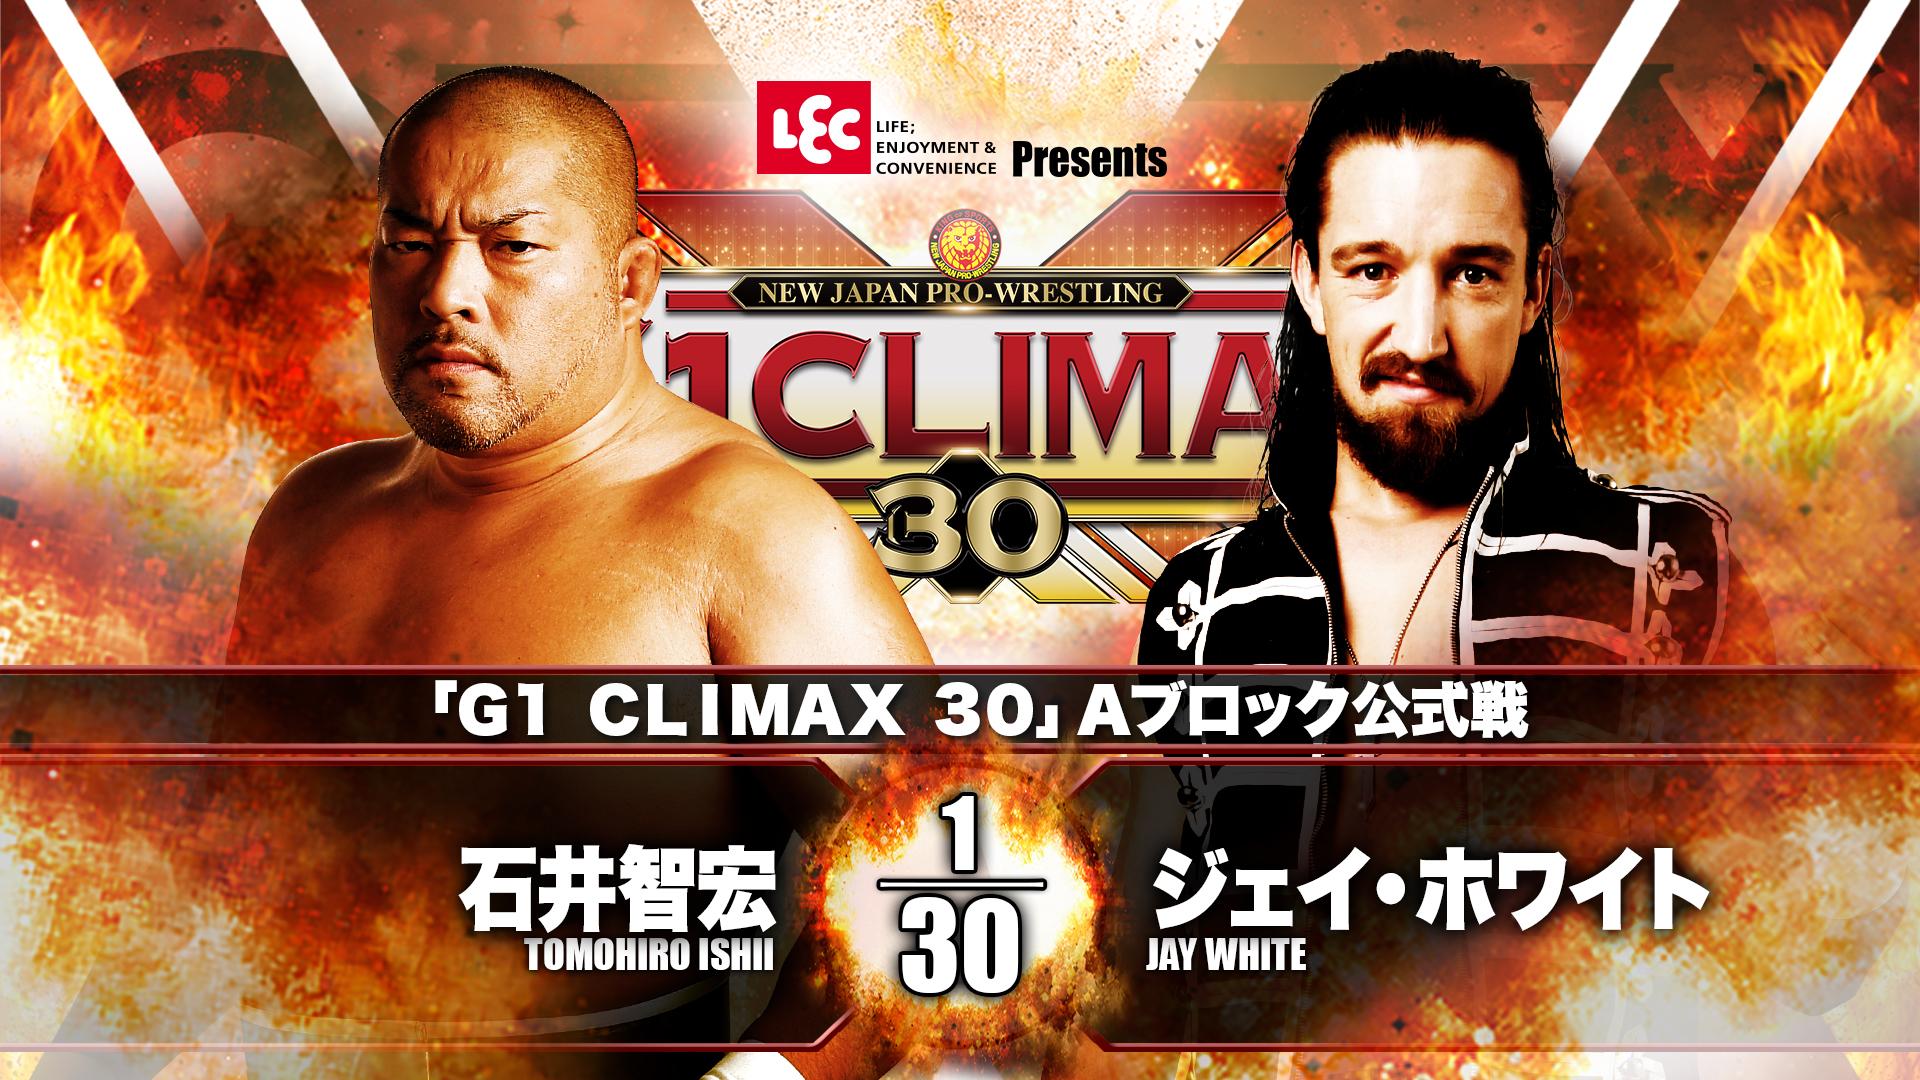 G1 Climax White vs Ishii